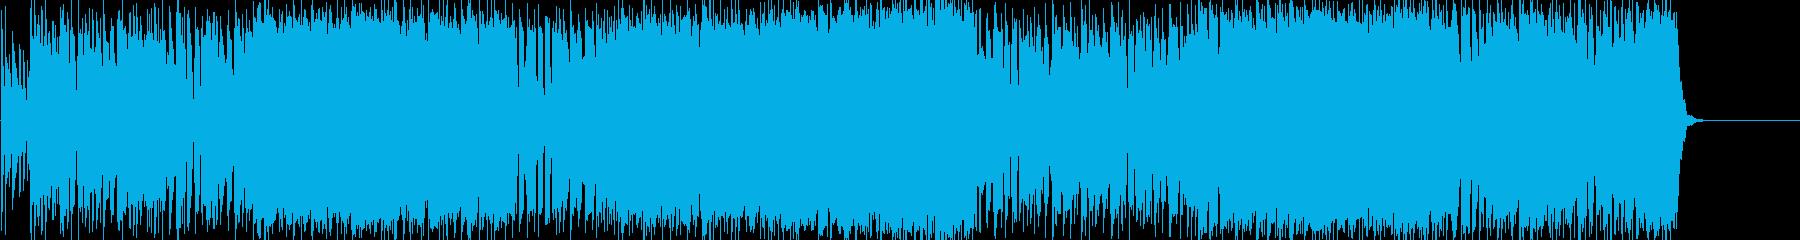 情熱的で力強い、重たいハードロックの再生済みの波形